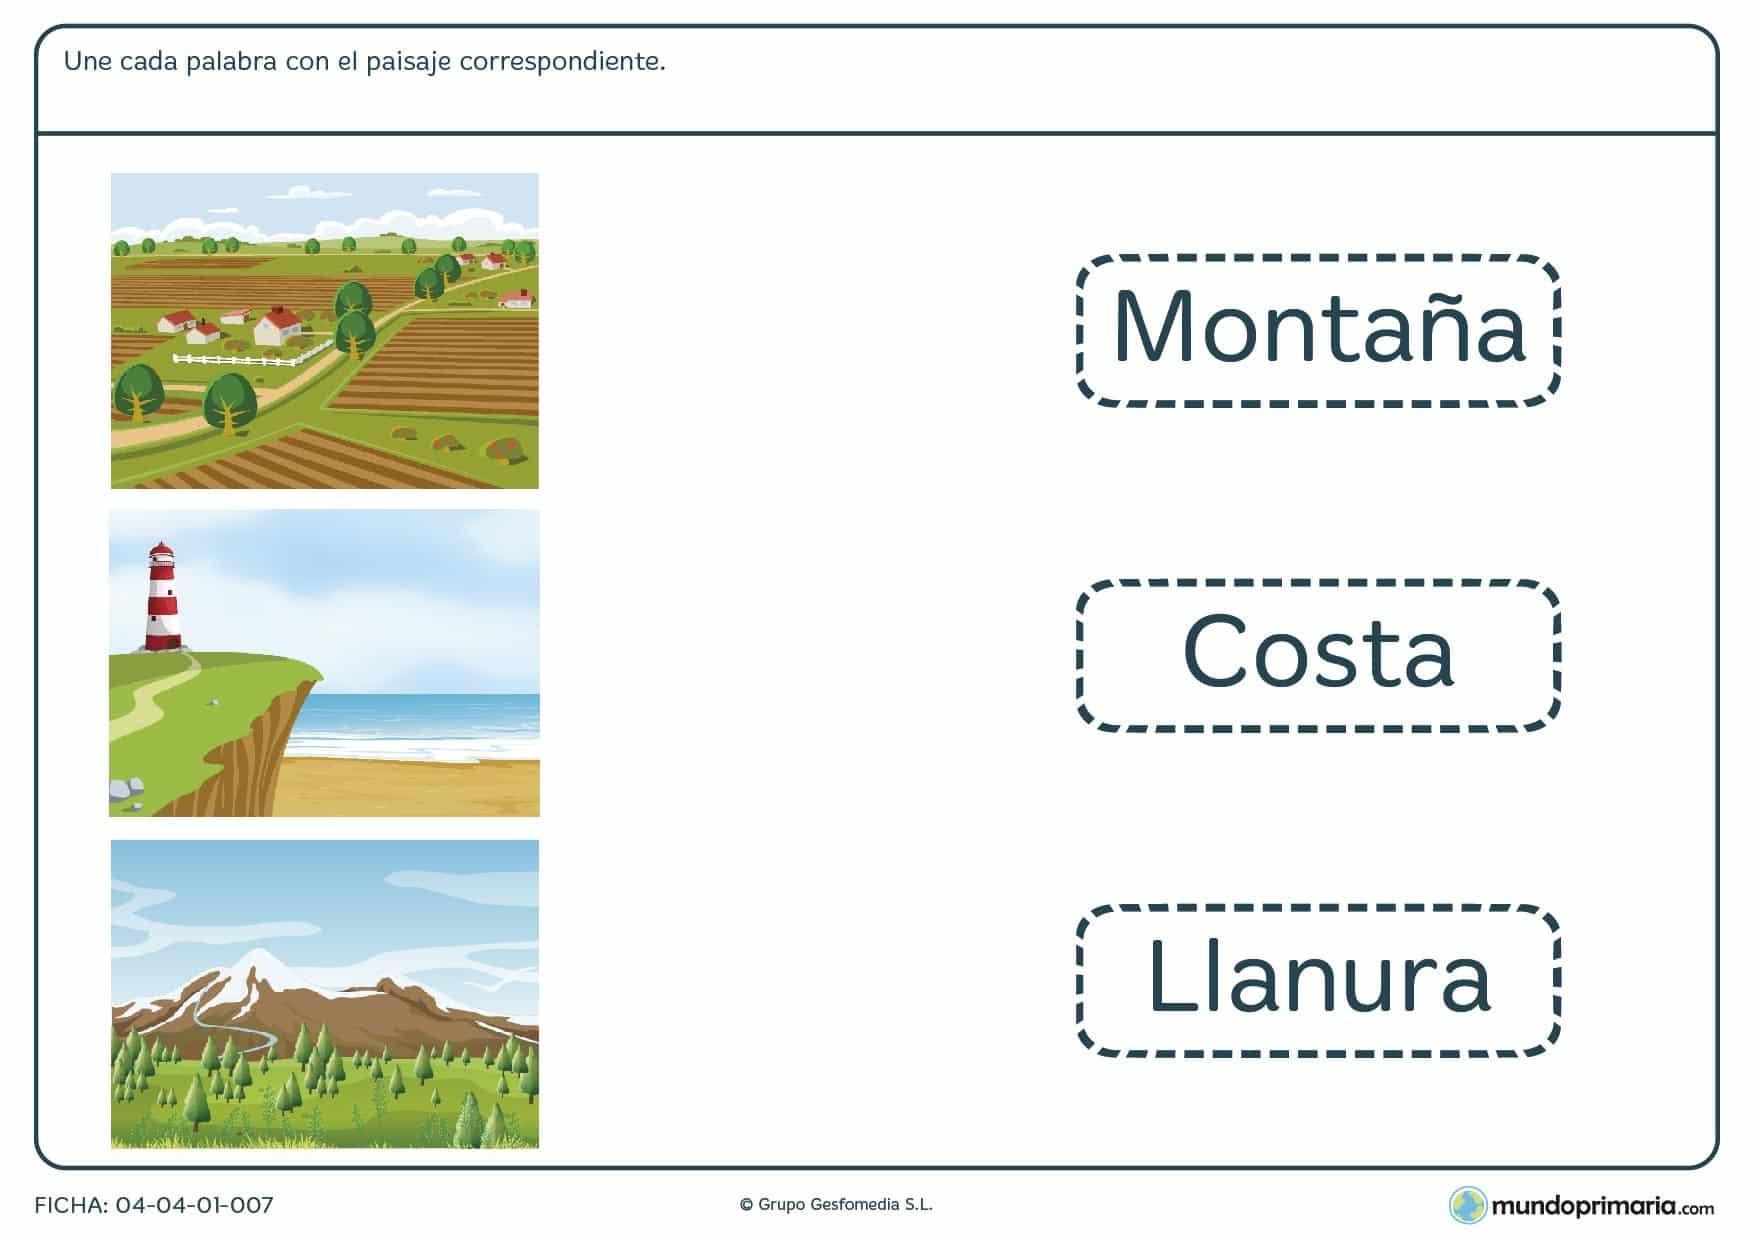 Ficha de unir paisajes en imágenes con sus correspondientes palabras.